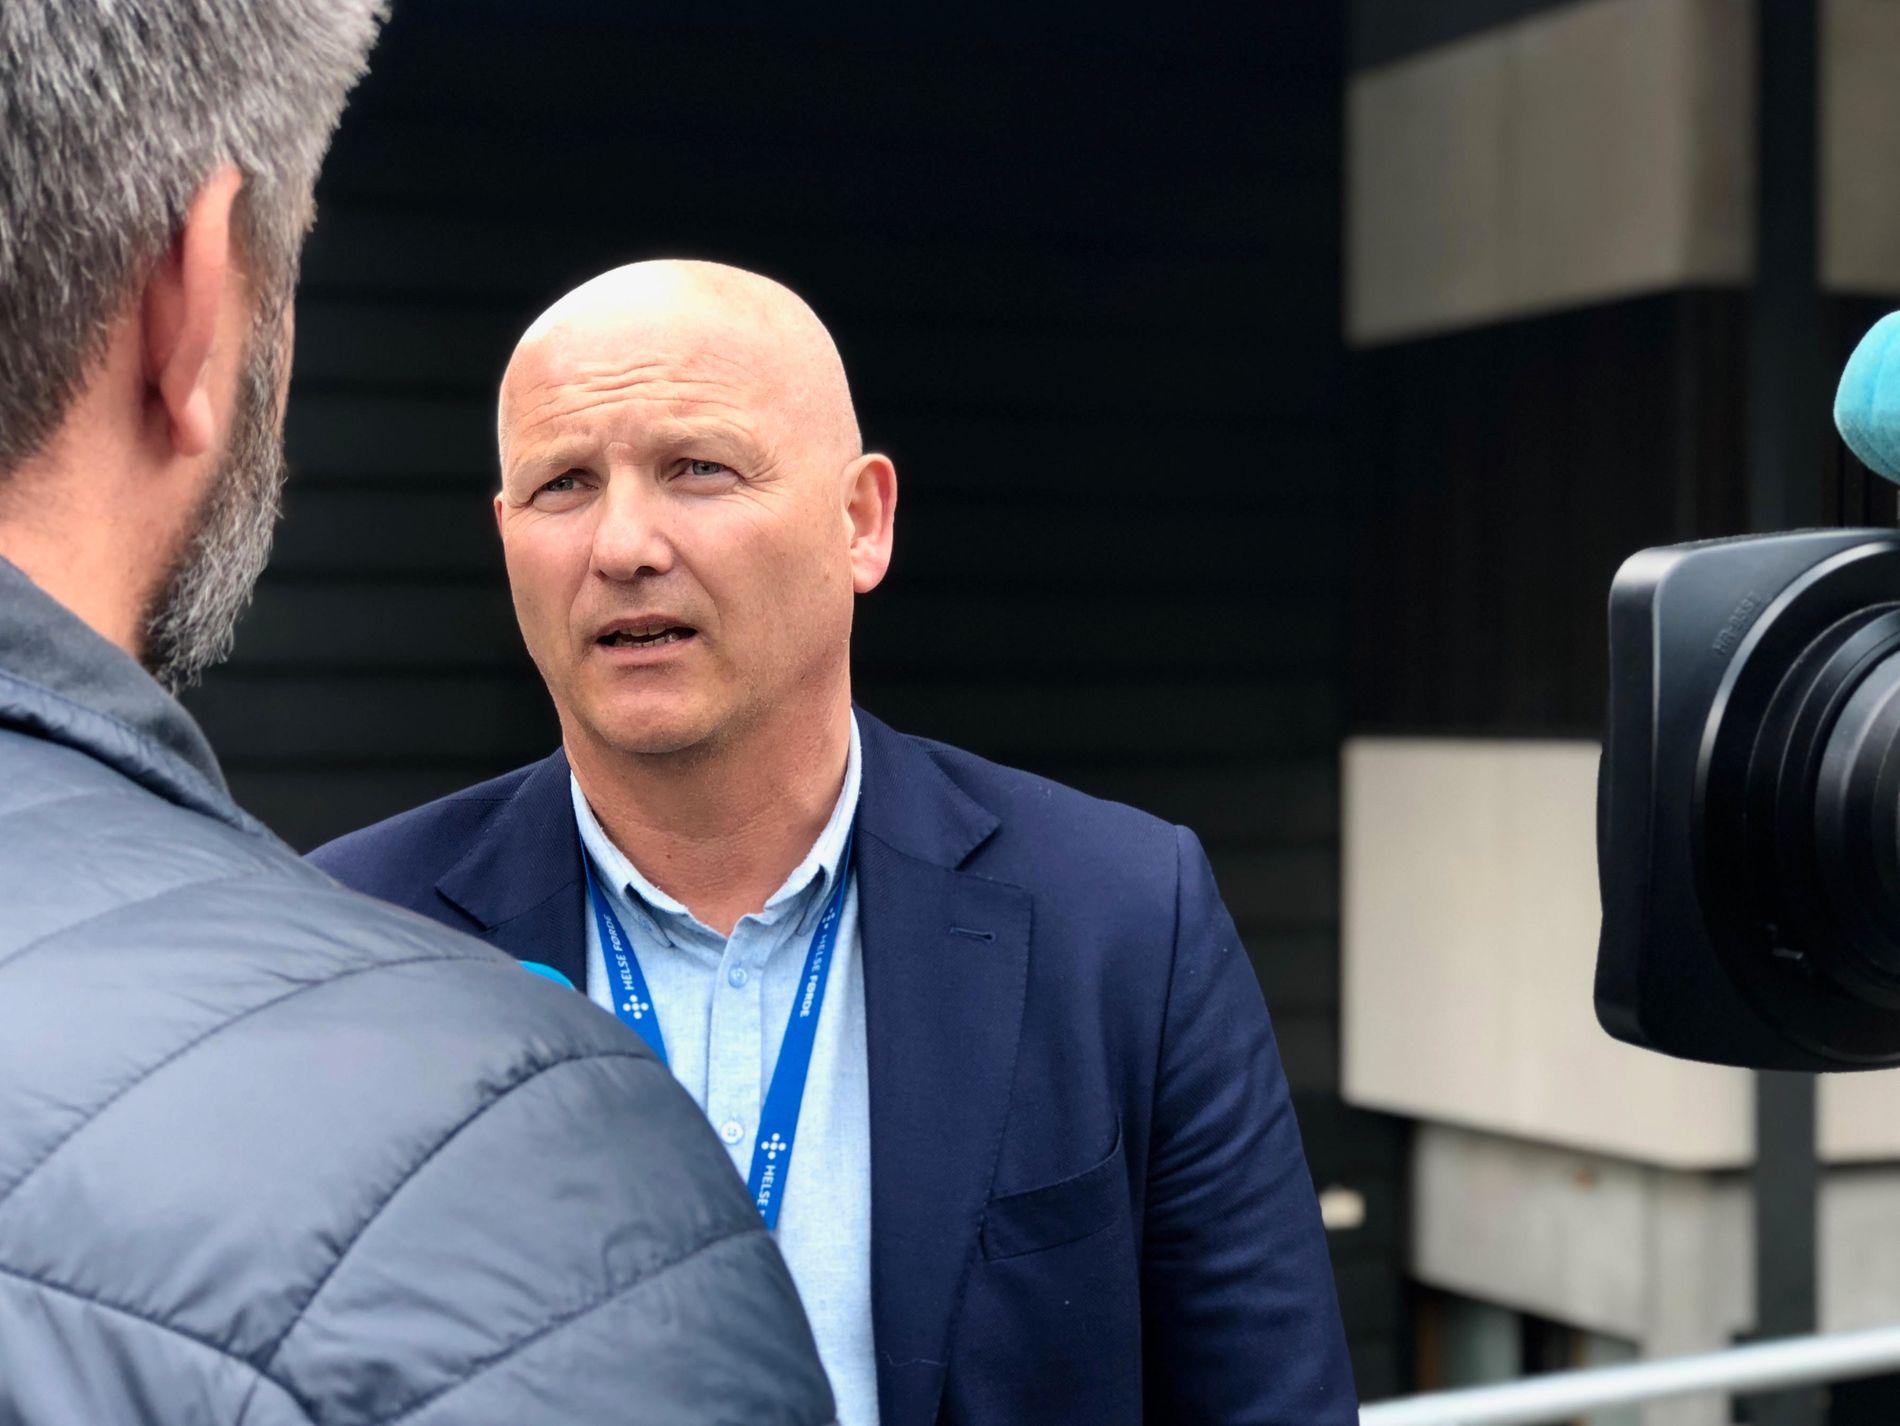 KARTLA SMITTEFARE: Administrerende direktør Arve Varden i Helse Førde orienterte forrige uke om sykehusets håndtering av rabiessmitten.